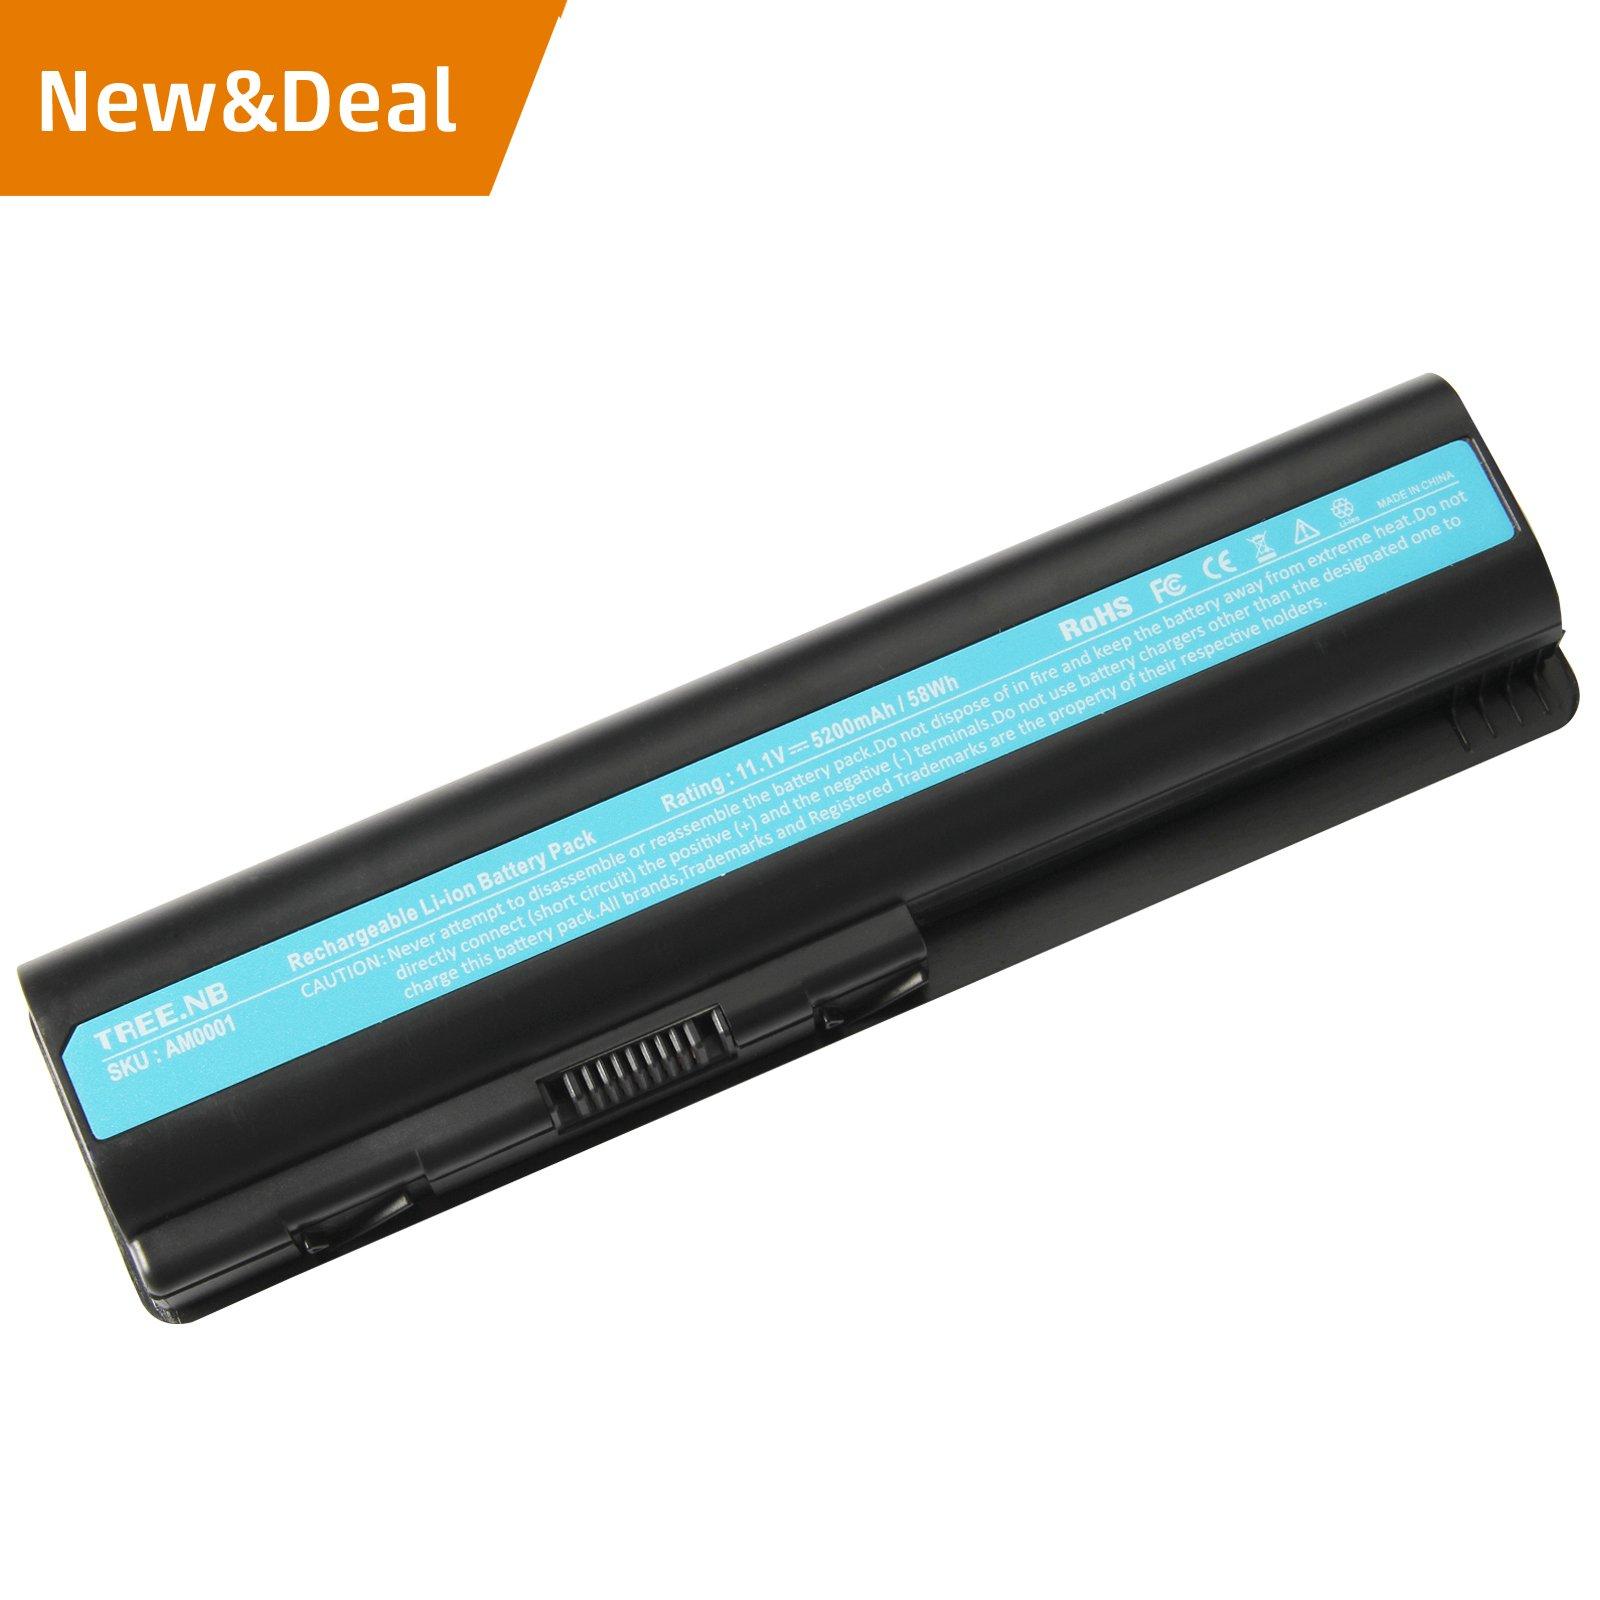 Laptop Battery for HP 484172-001 485041-001 498482-001 484170-001 HSTNN-LB72 HSTNN-UB72 HSTNN-CB72 484171-001 485041-001 HSTNN-Q34C, CQ40 CQ50 CQ60 CQ70 HDXX16 G60 G70 – High Performance Spare Power